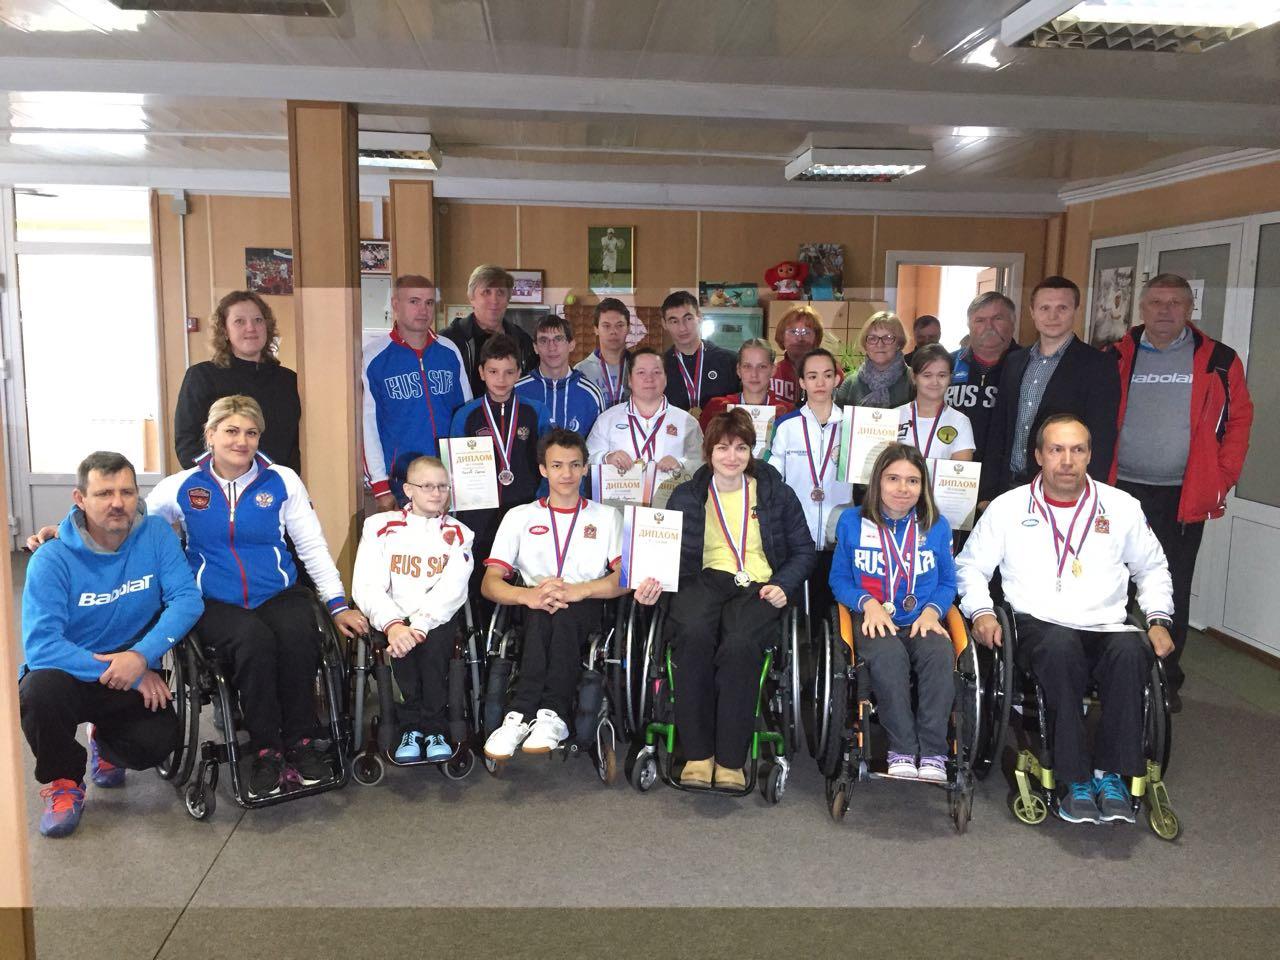 Ильдус Шайхисламов и Виктория Львова выиграли по две золотые медали на чемпионате России по теннису на колясках